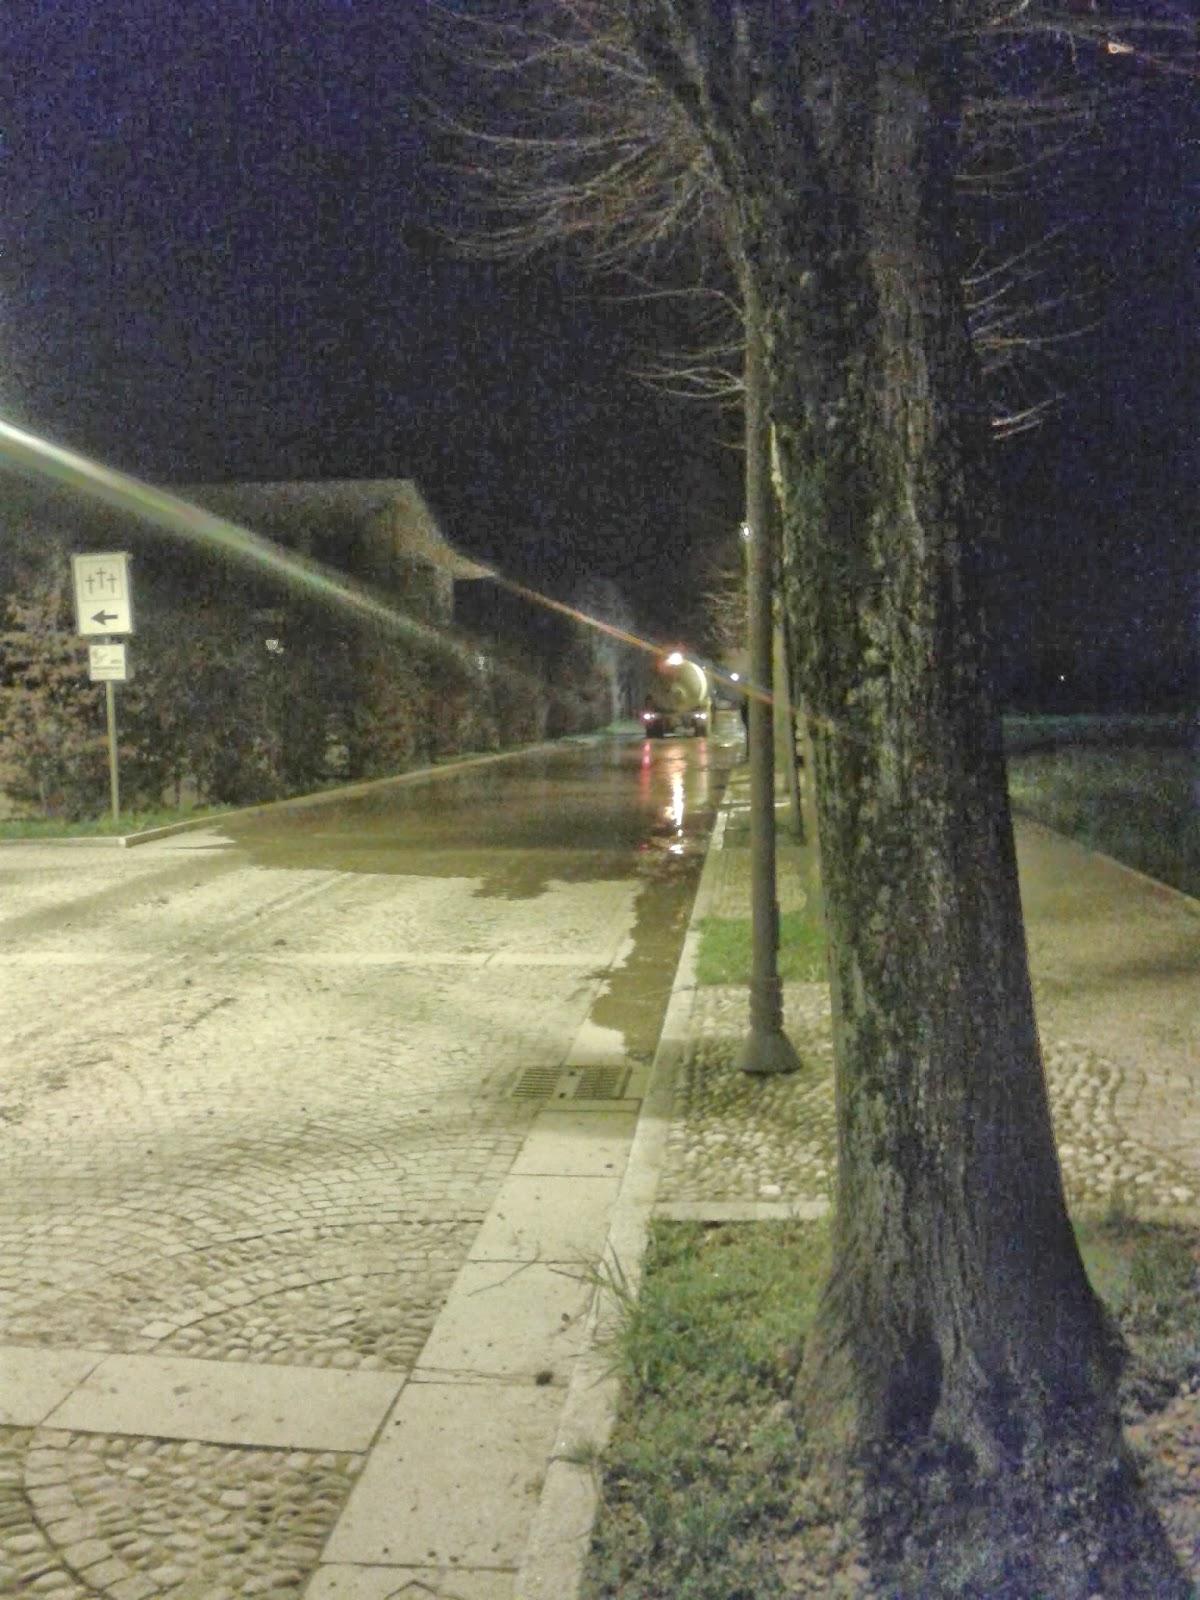 http://3.bp.blogspot.com/-IeDSqAniw5U/UxJpu7jFyRI/AAAAAAAAFNI/nXuArC7z_tw/s1600/Sergnano+7.jpg